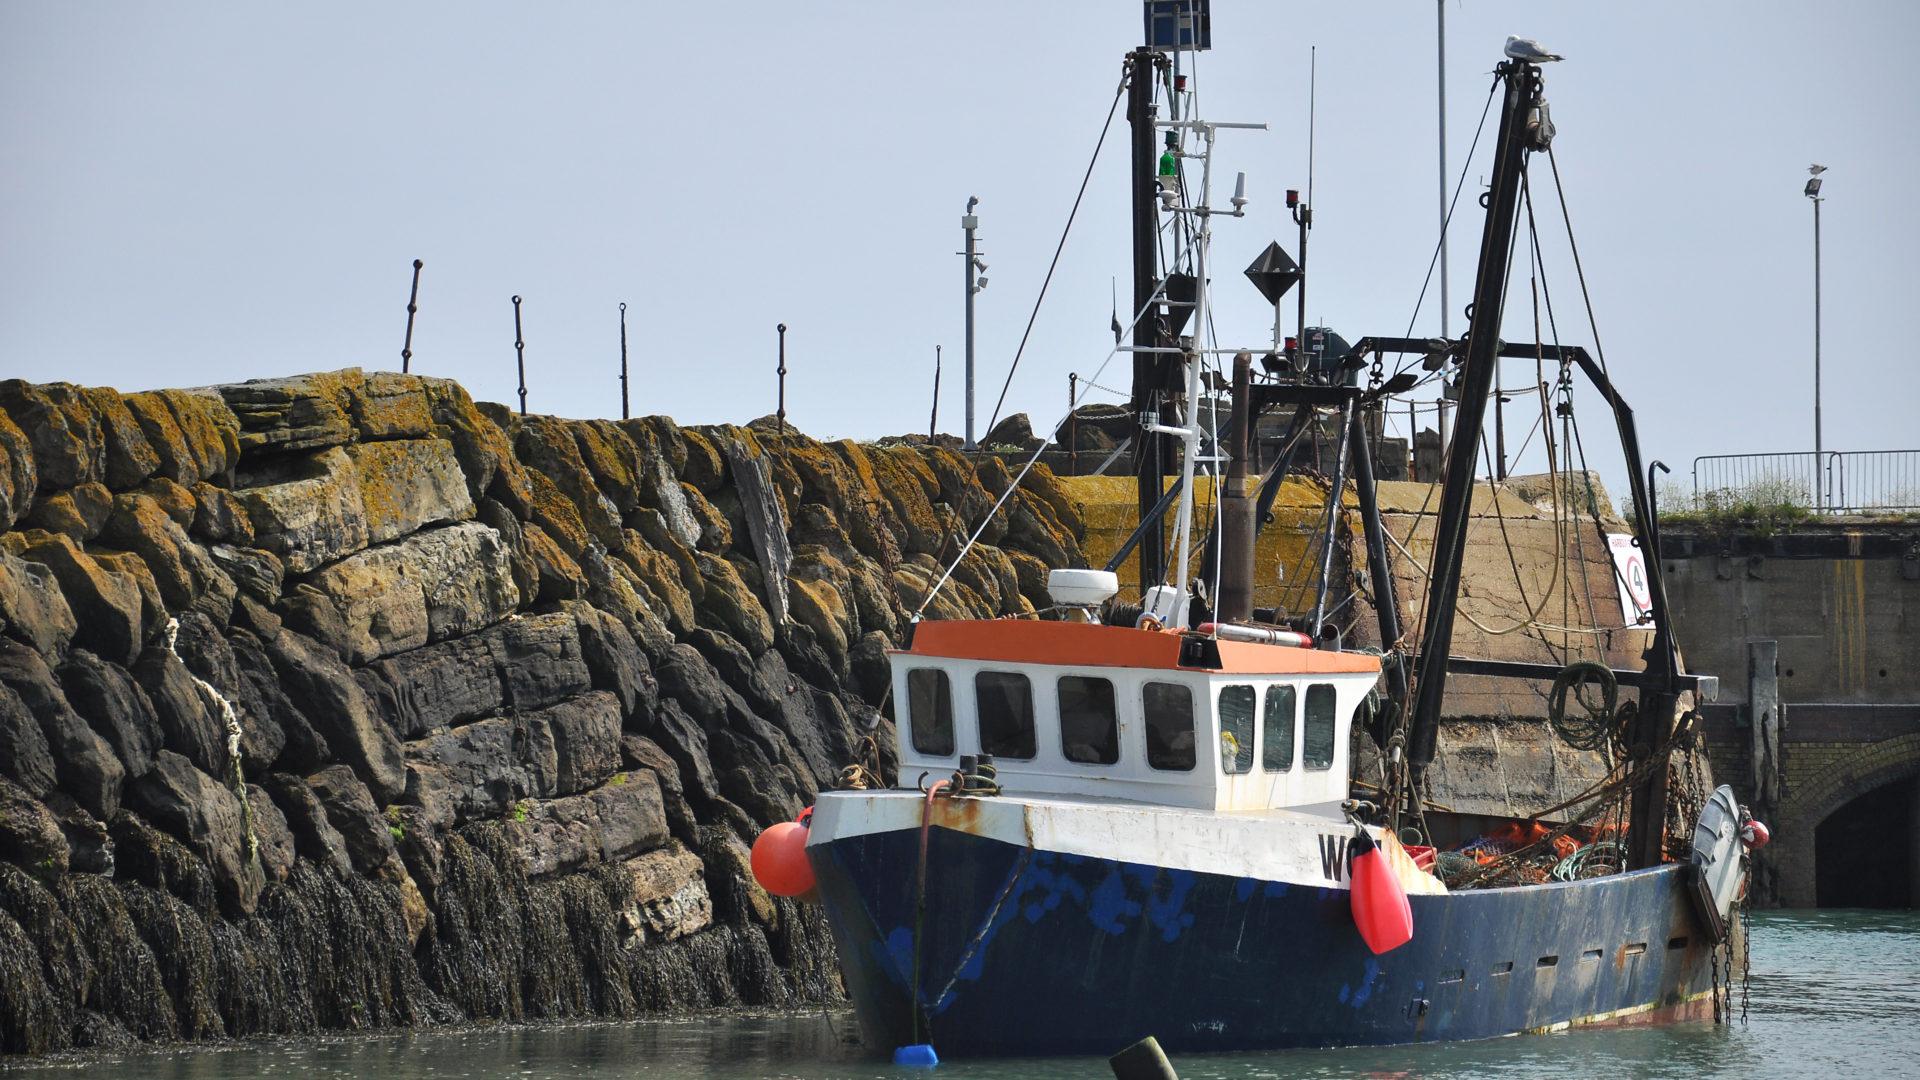 Barche a vela, houseboat e persino una zattera: idee per vacanze alternative